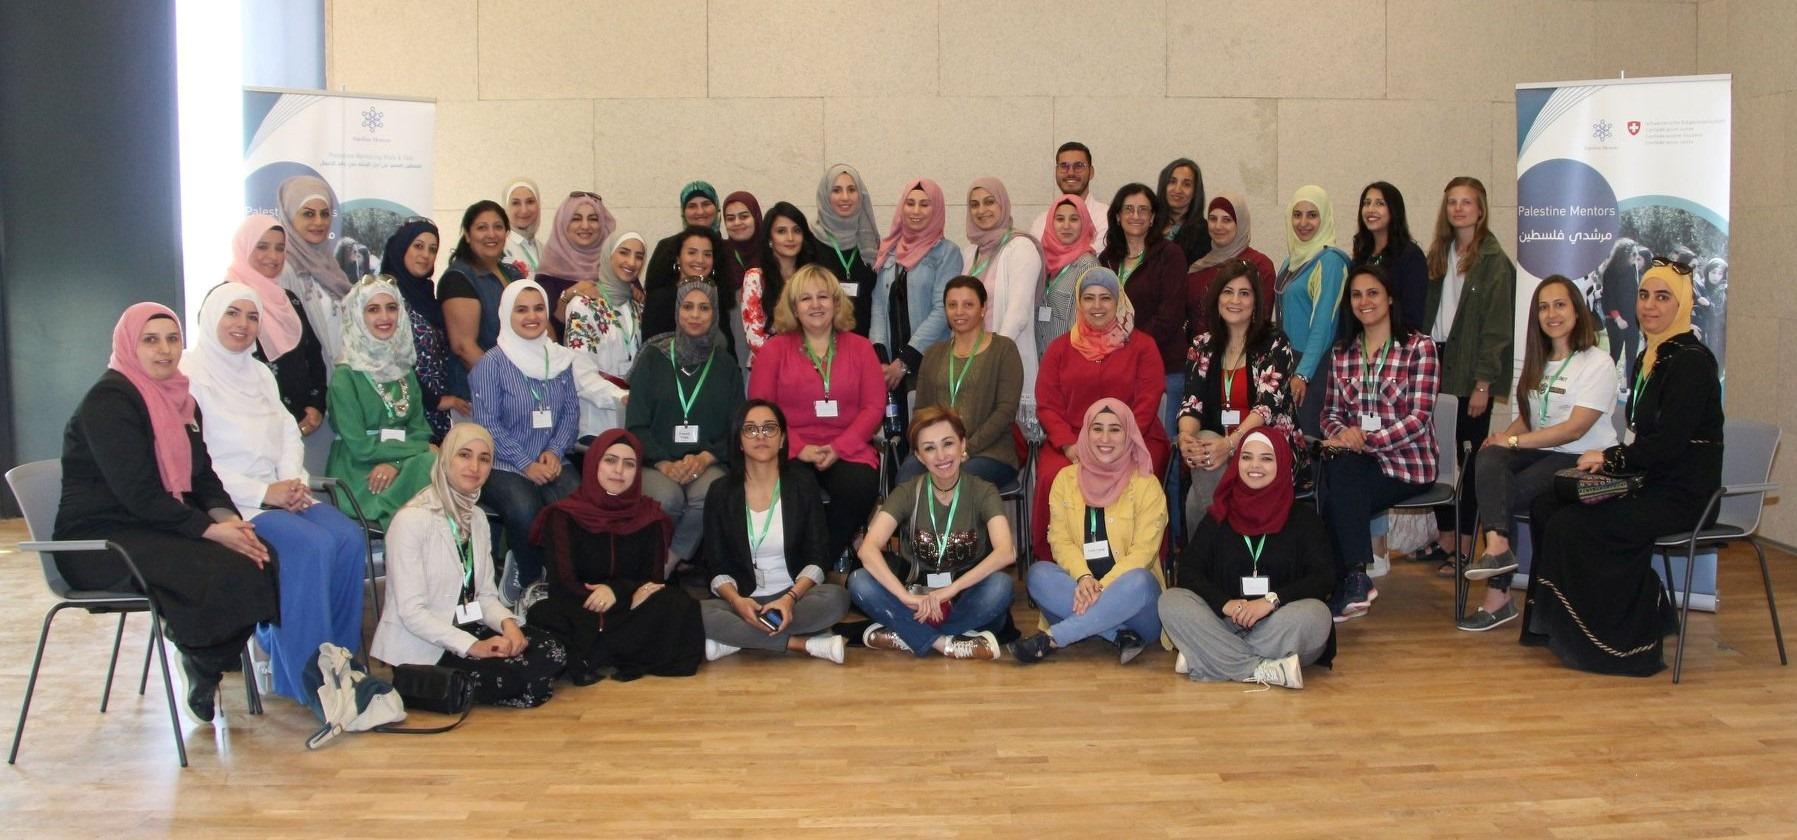 مبادرة مرشدي فلسطين تنظم فلسطين المسير من أجل الإرشاد في عالم العمل والأعمال